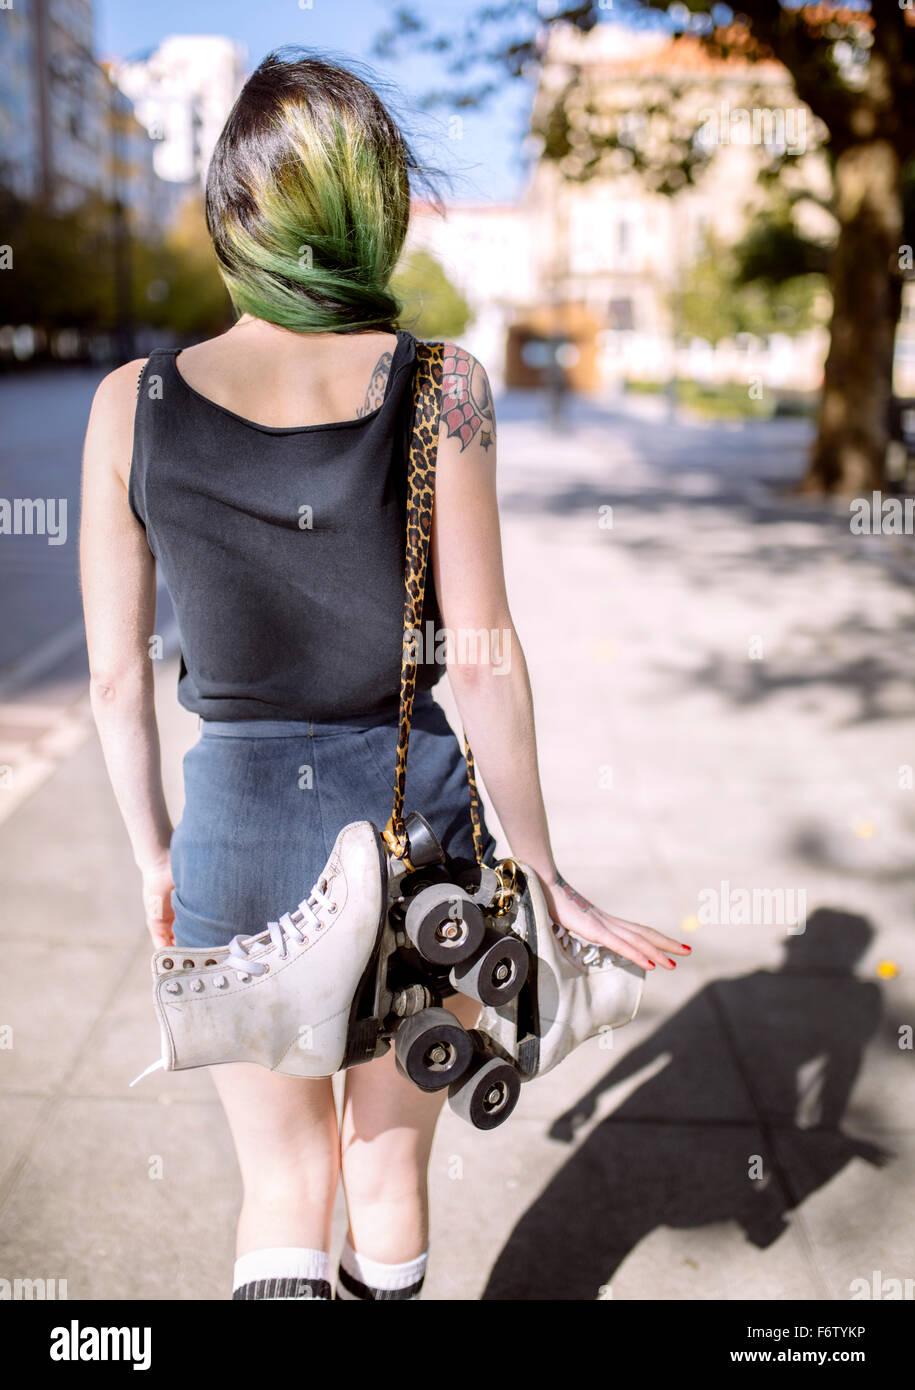 Espanha, Gijon, vista traseira da jovem mulher verde com cabelos tingidos transportando patins em linha sobre o Imagens de Stock